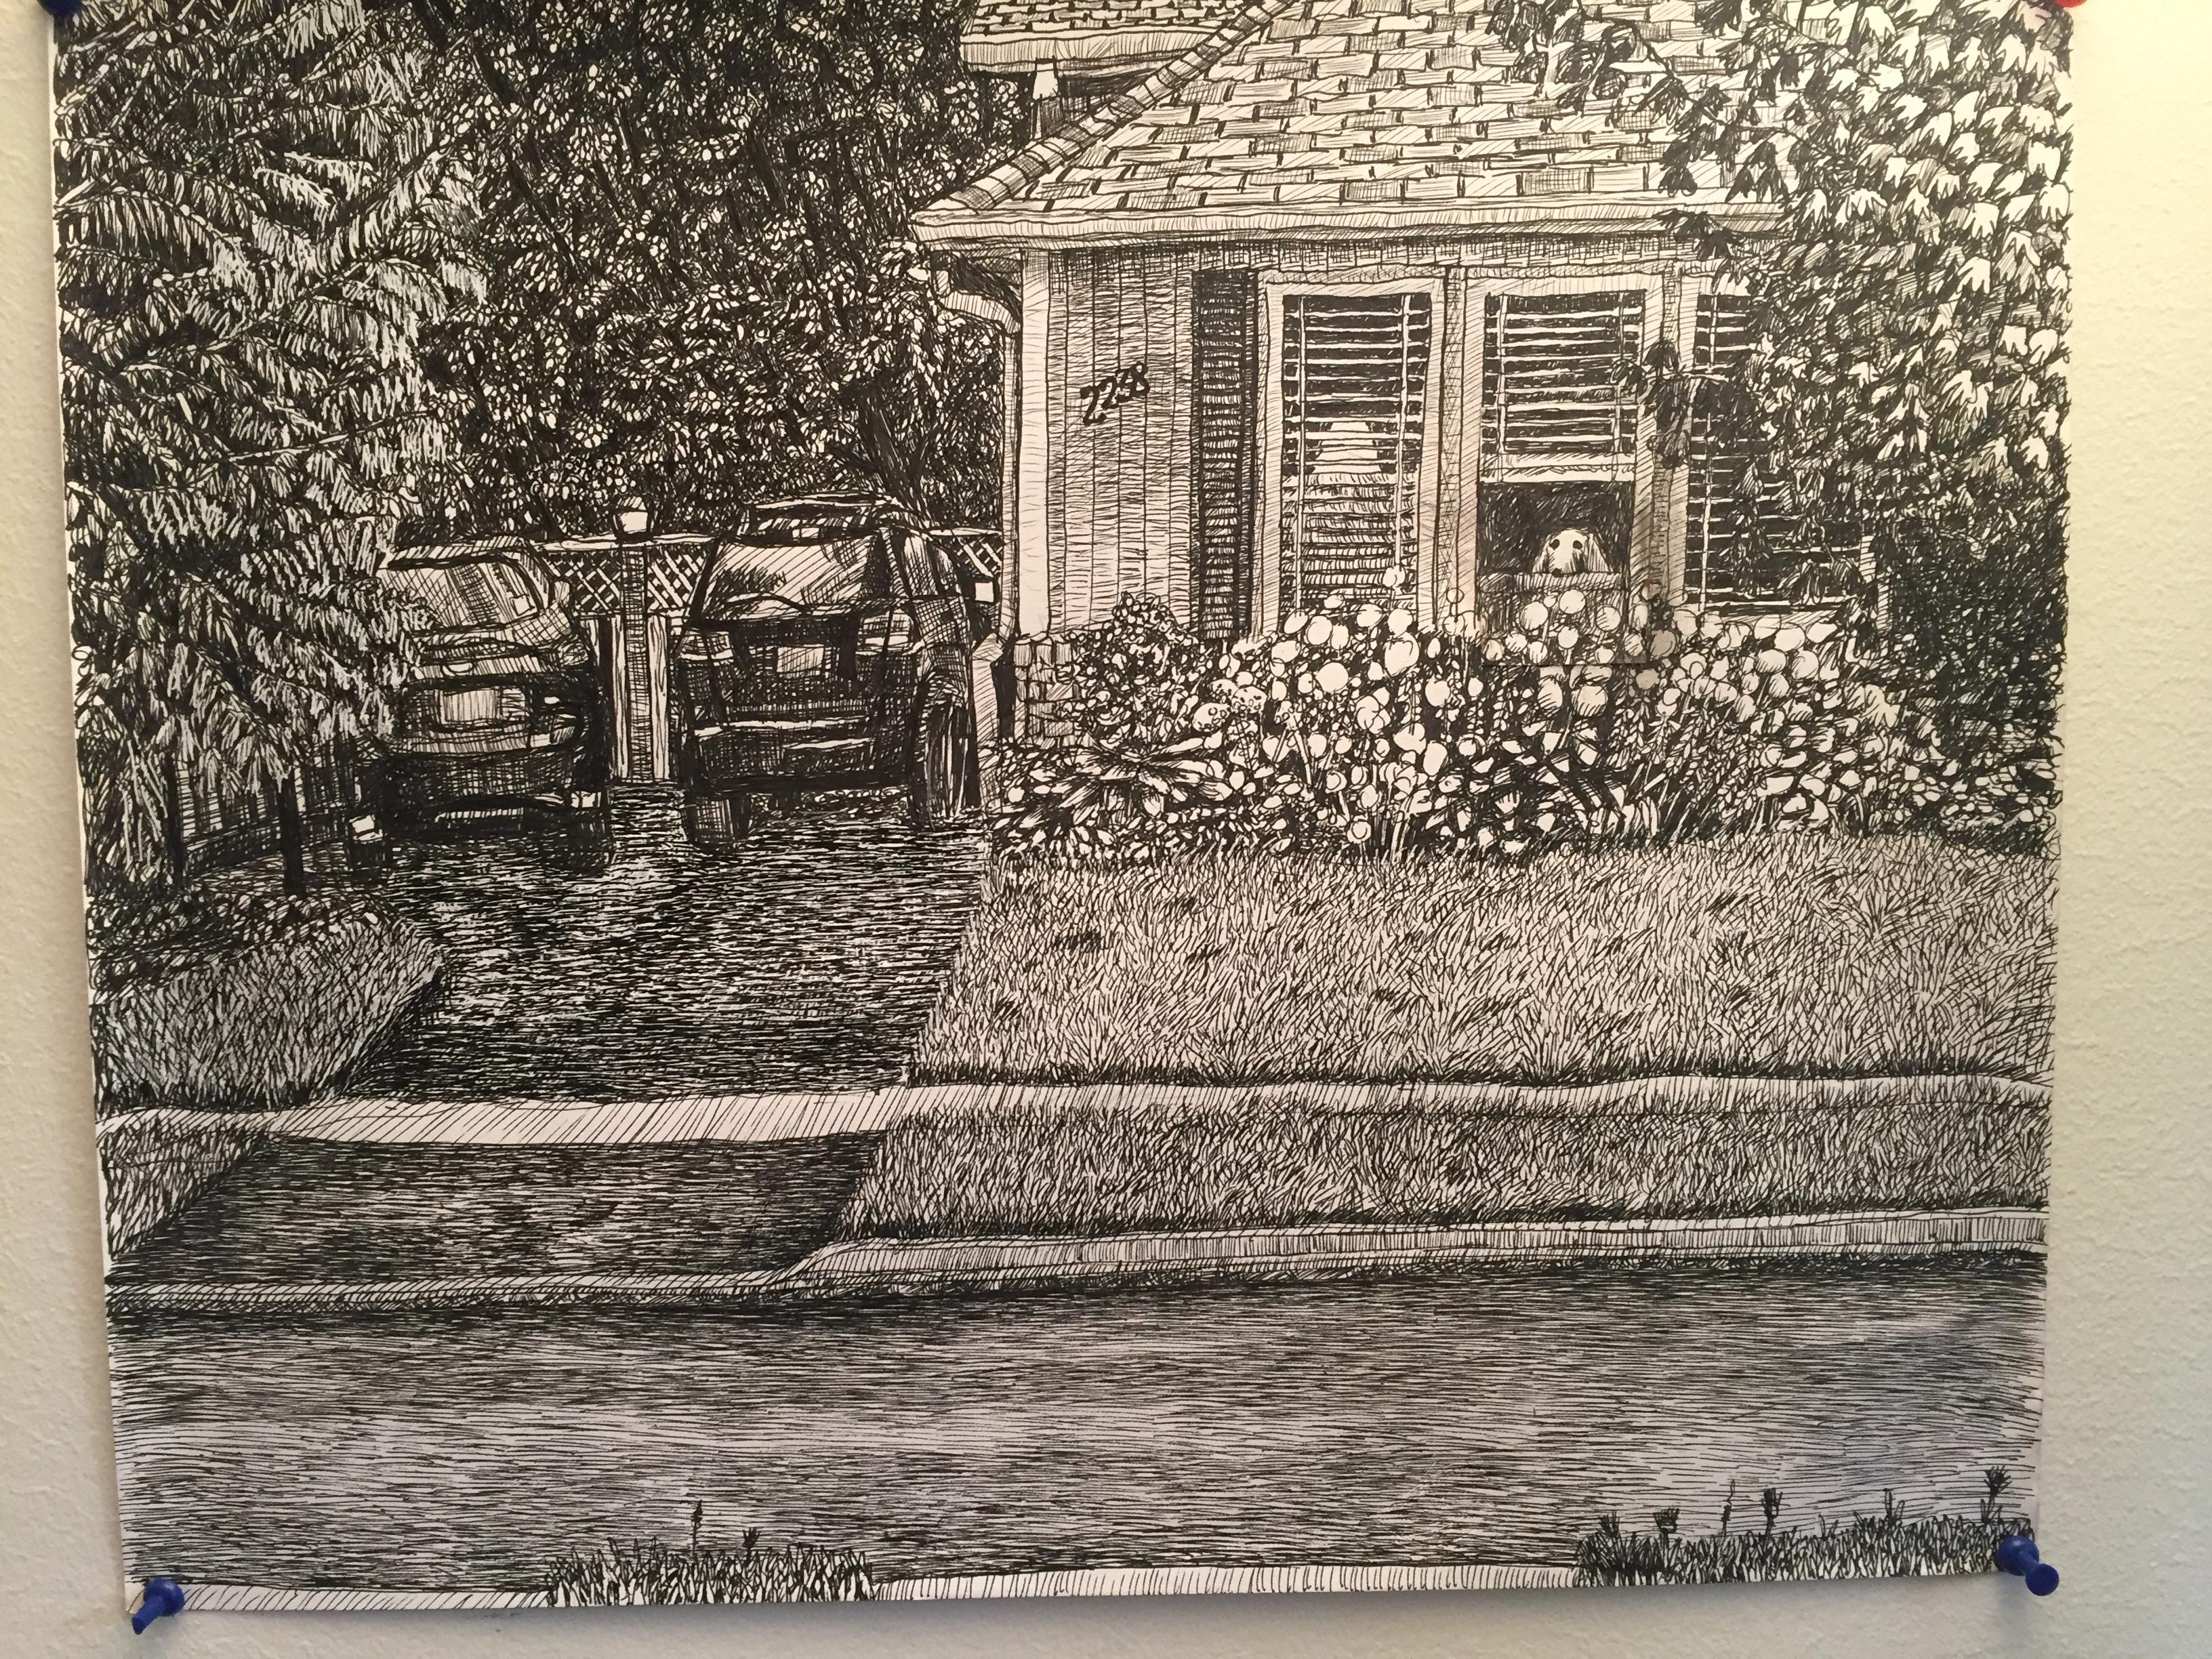 5-j-house---accross-from-2235-manchester-drive-by-cork-ireland-freelance-artist---art-van-leeuwen